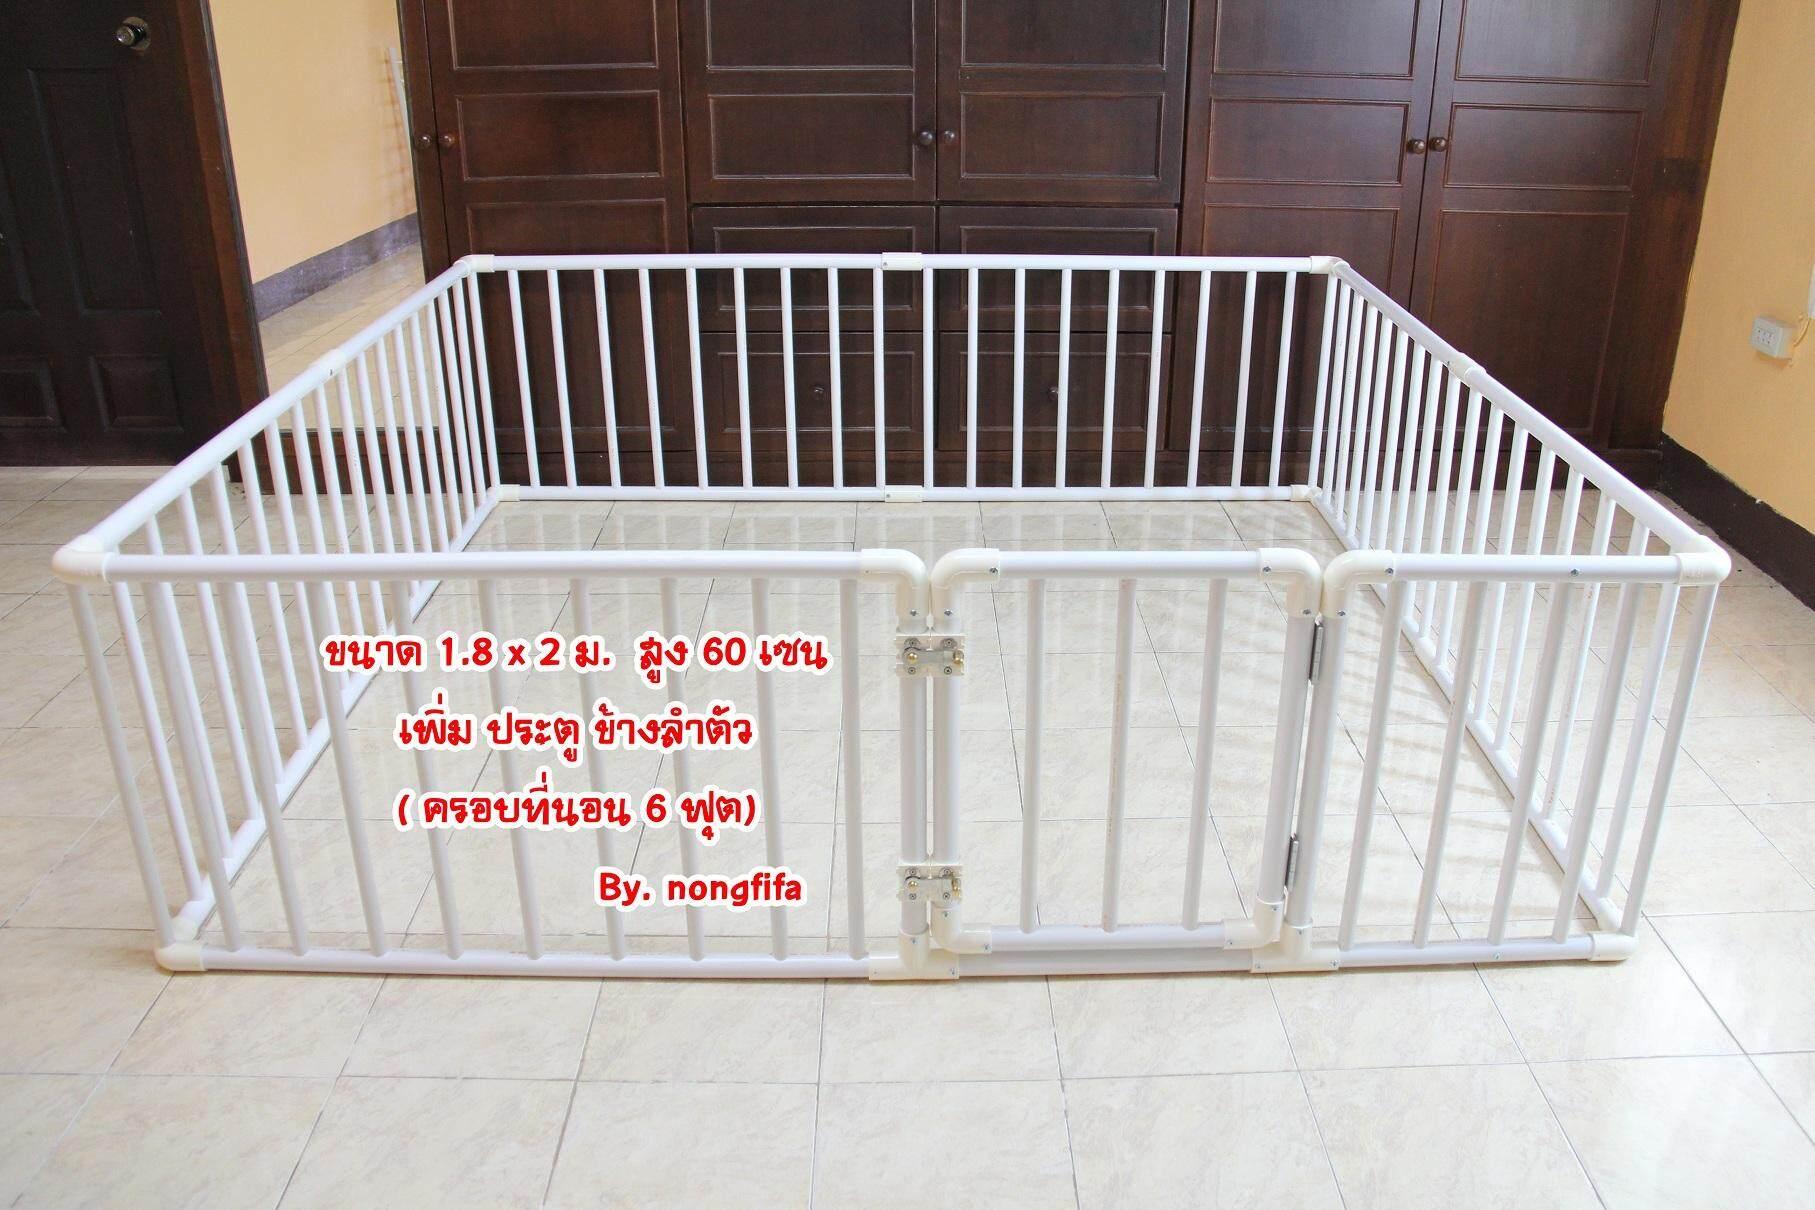 [[ส่งฟรี Kerry]] คอกกั้นเด็ก 6ฟุต สูง 60เซน เพิ่มประตู ข้างลำตัว เปิดซ้าย (ขนาด 180x200cm สูง 60cm มีประตู ด้าน 2ม. เปิดซ้าย).